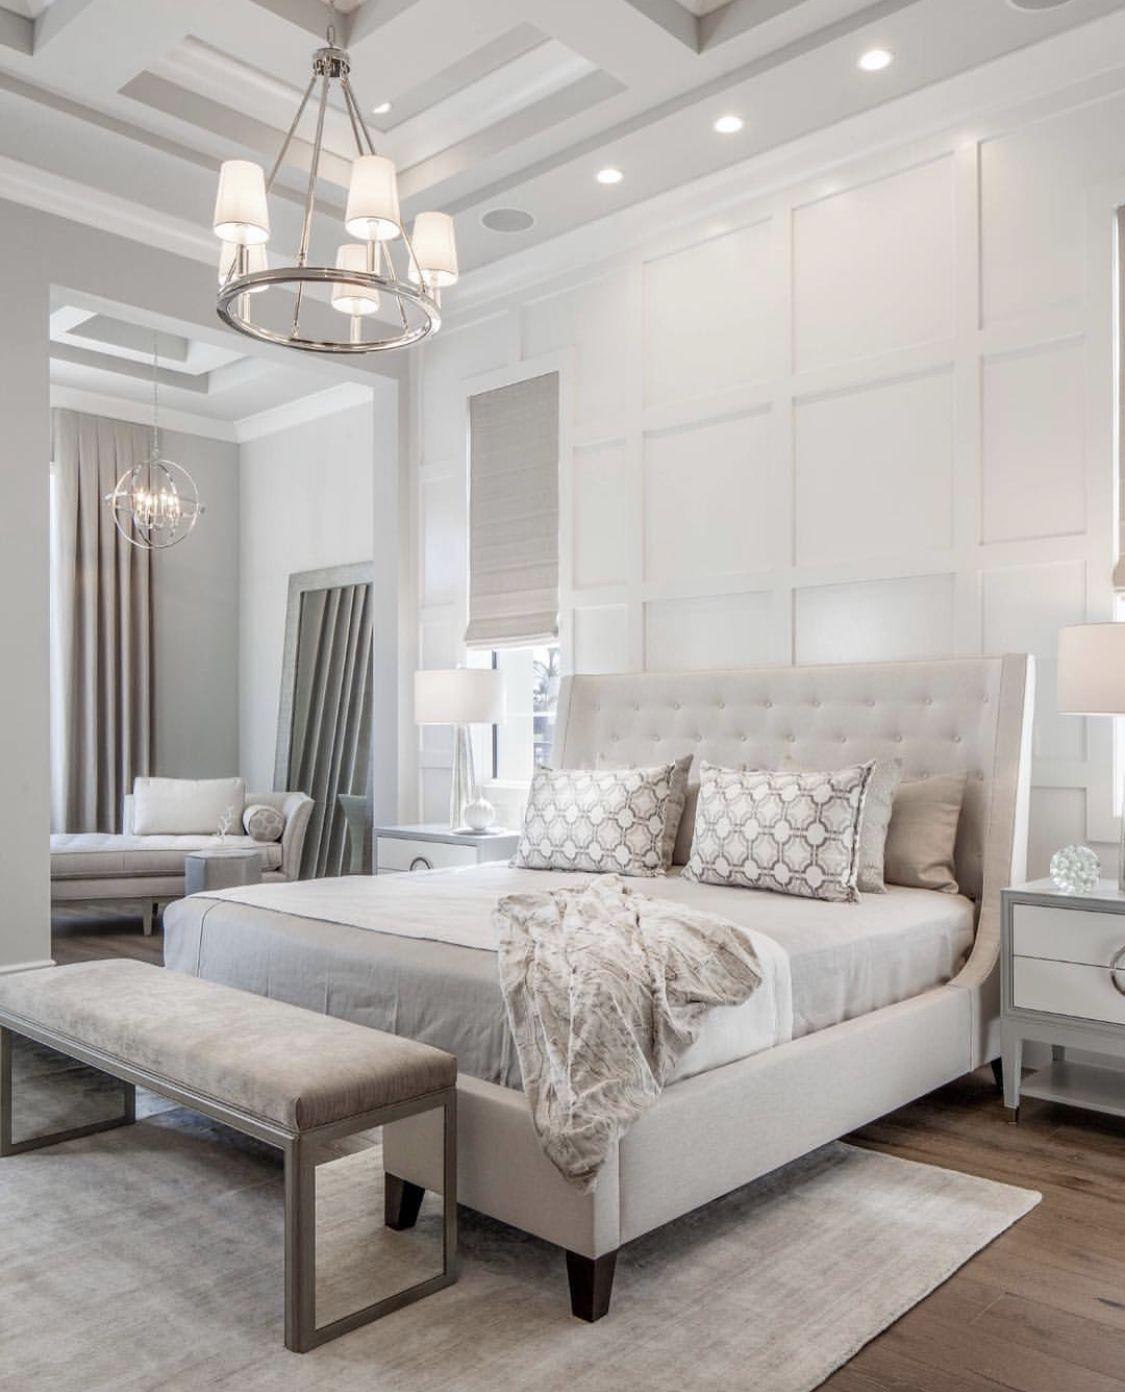 Serene Master Bedroom Luxurious Bedrooms Contemporary Bedroom Master Bedroom Design